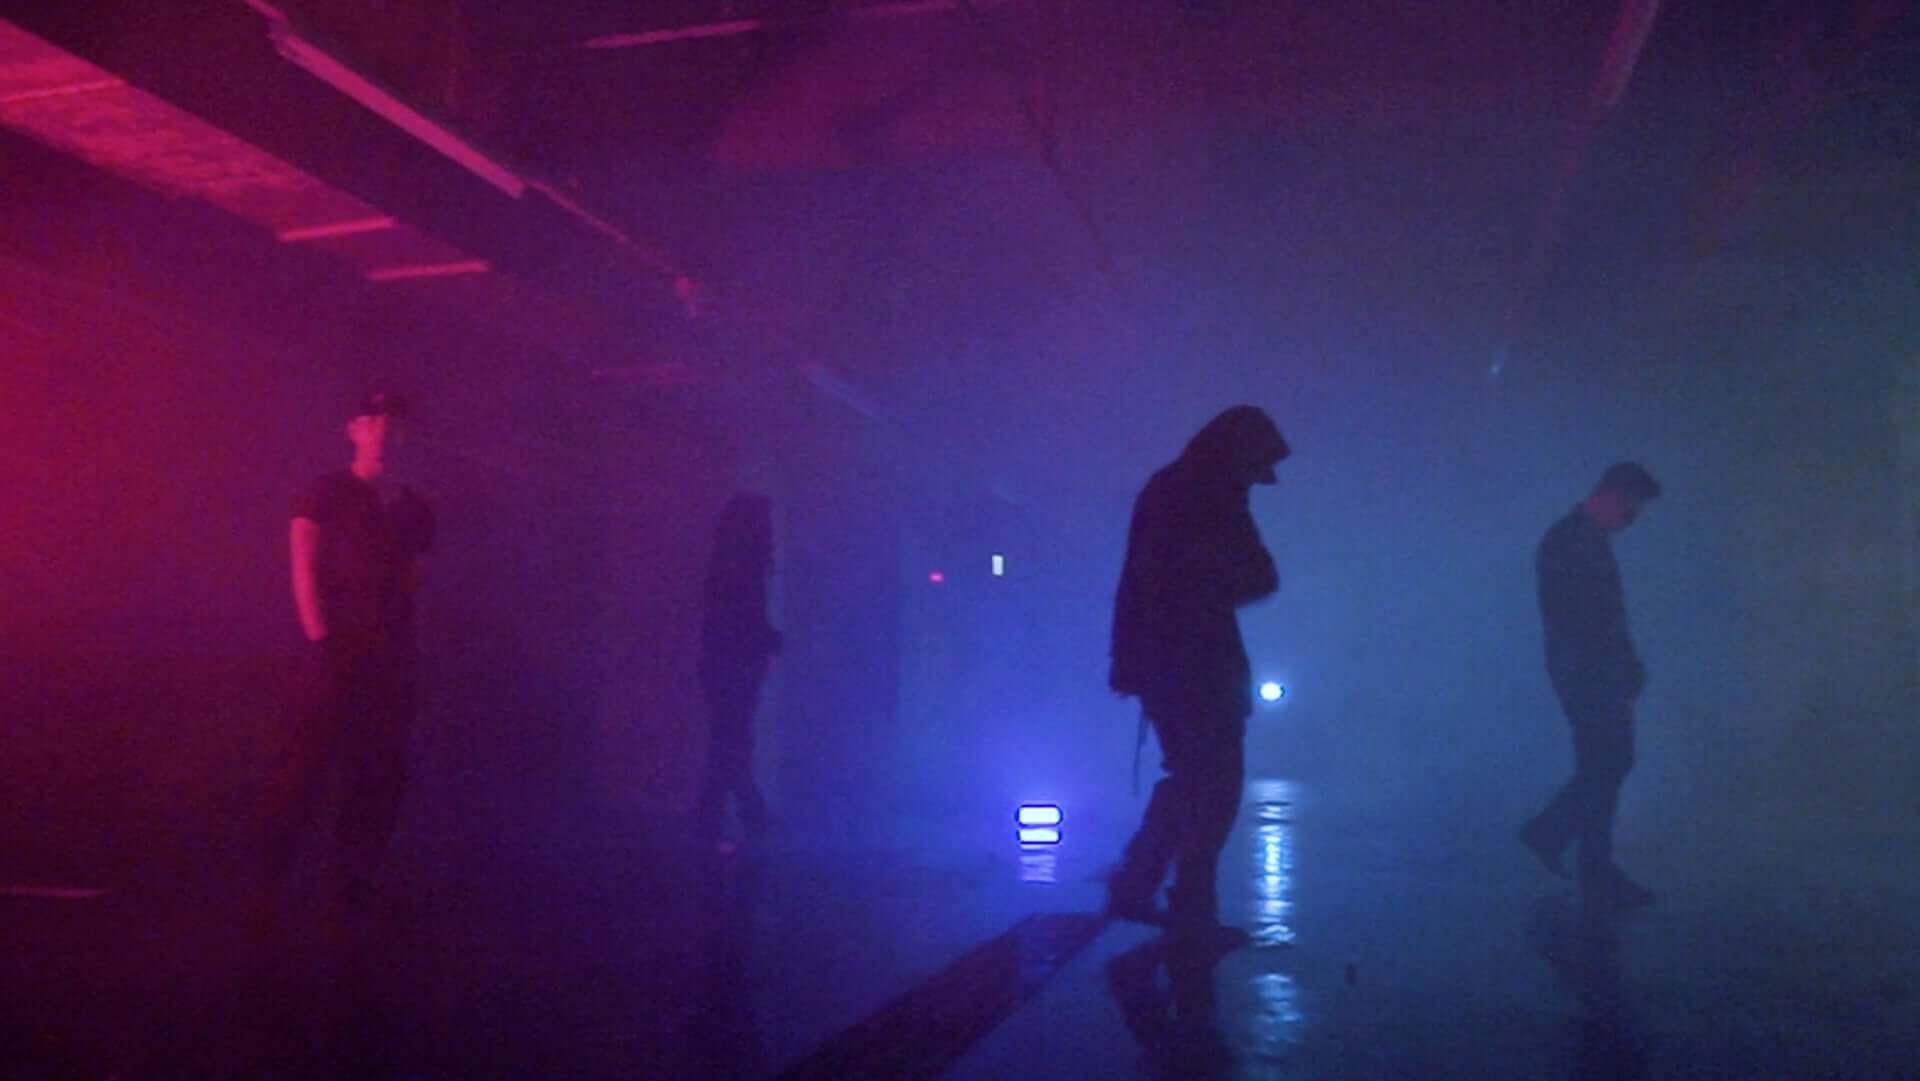 """18scott×SUNNOVAが本日発売の新アルバム『PAISLEY』より""""G.O.D. feat. ACE COOL, Taeyoung Boy, Gottz""""のMVを公開! music200722_18scott-sunnova_2-1920x1081"""